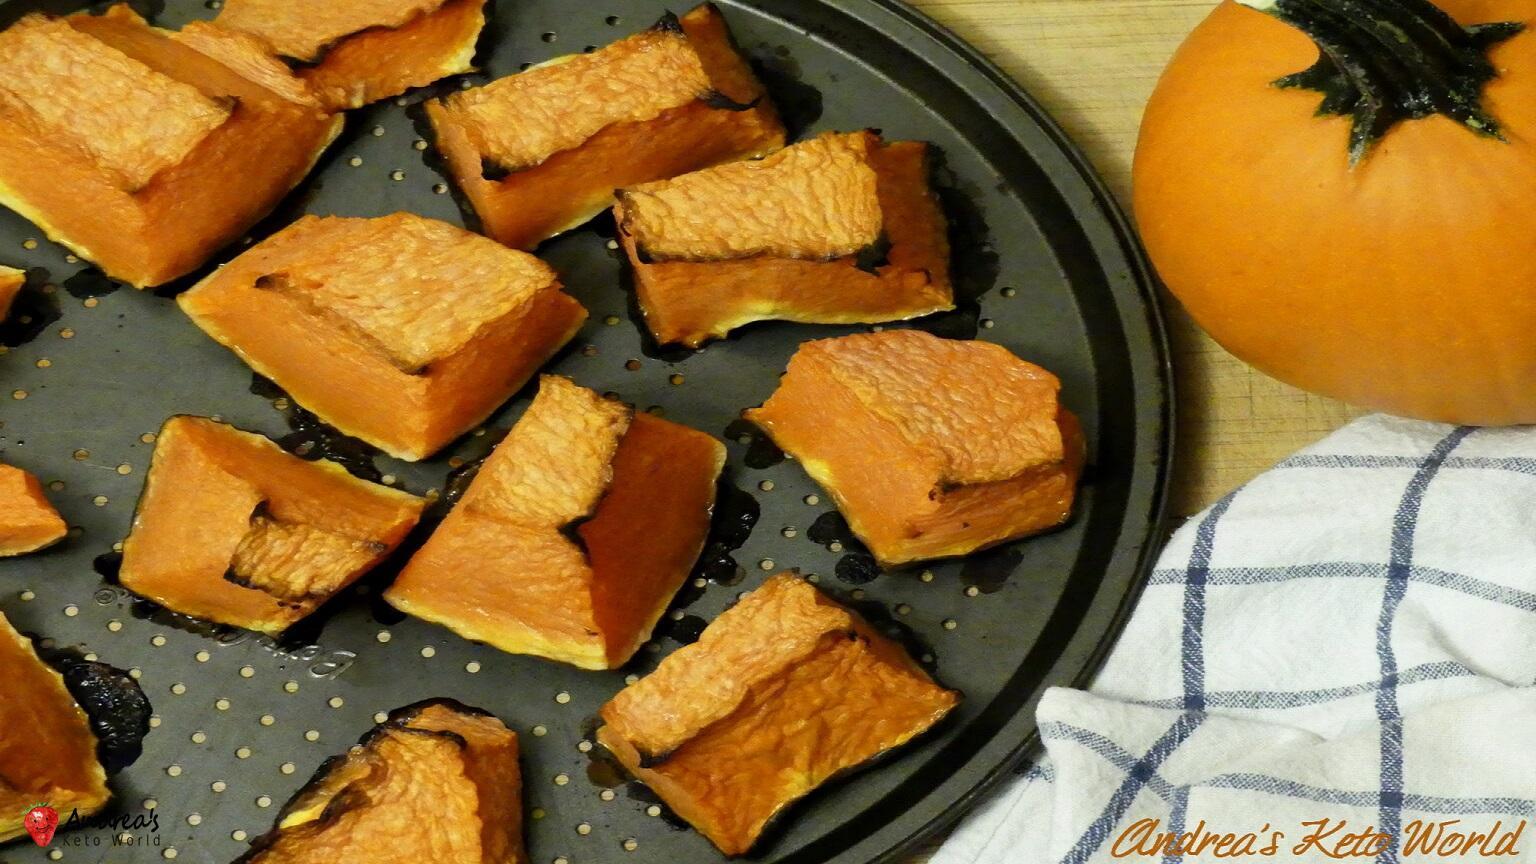 Homemade, Sugar-free, Low-Carb Pumpkin Jam